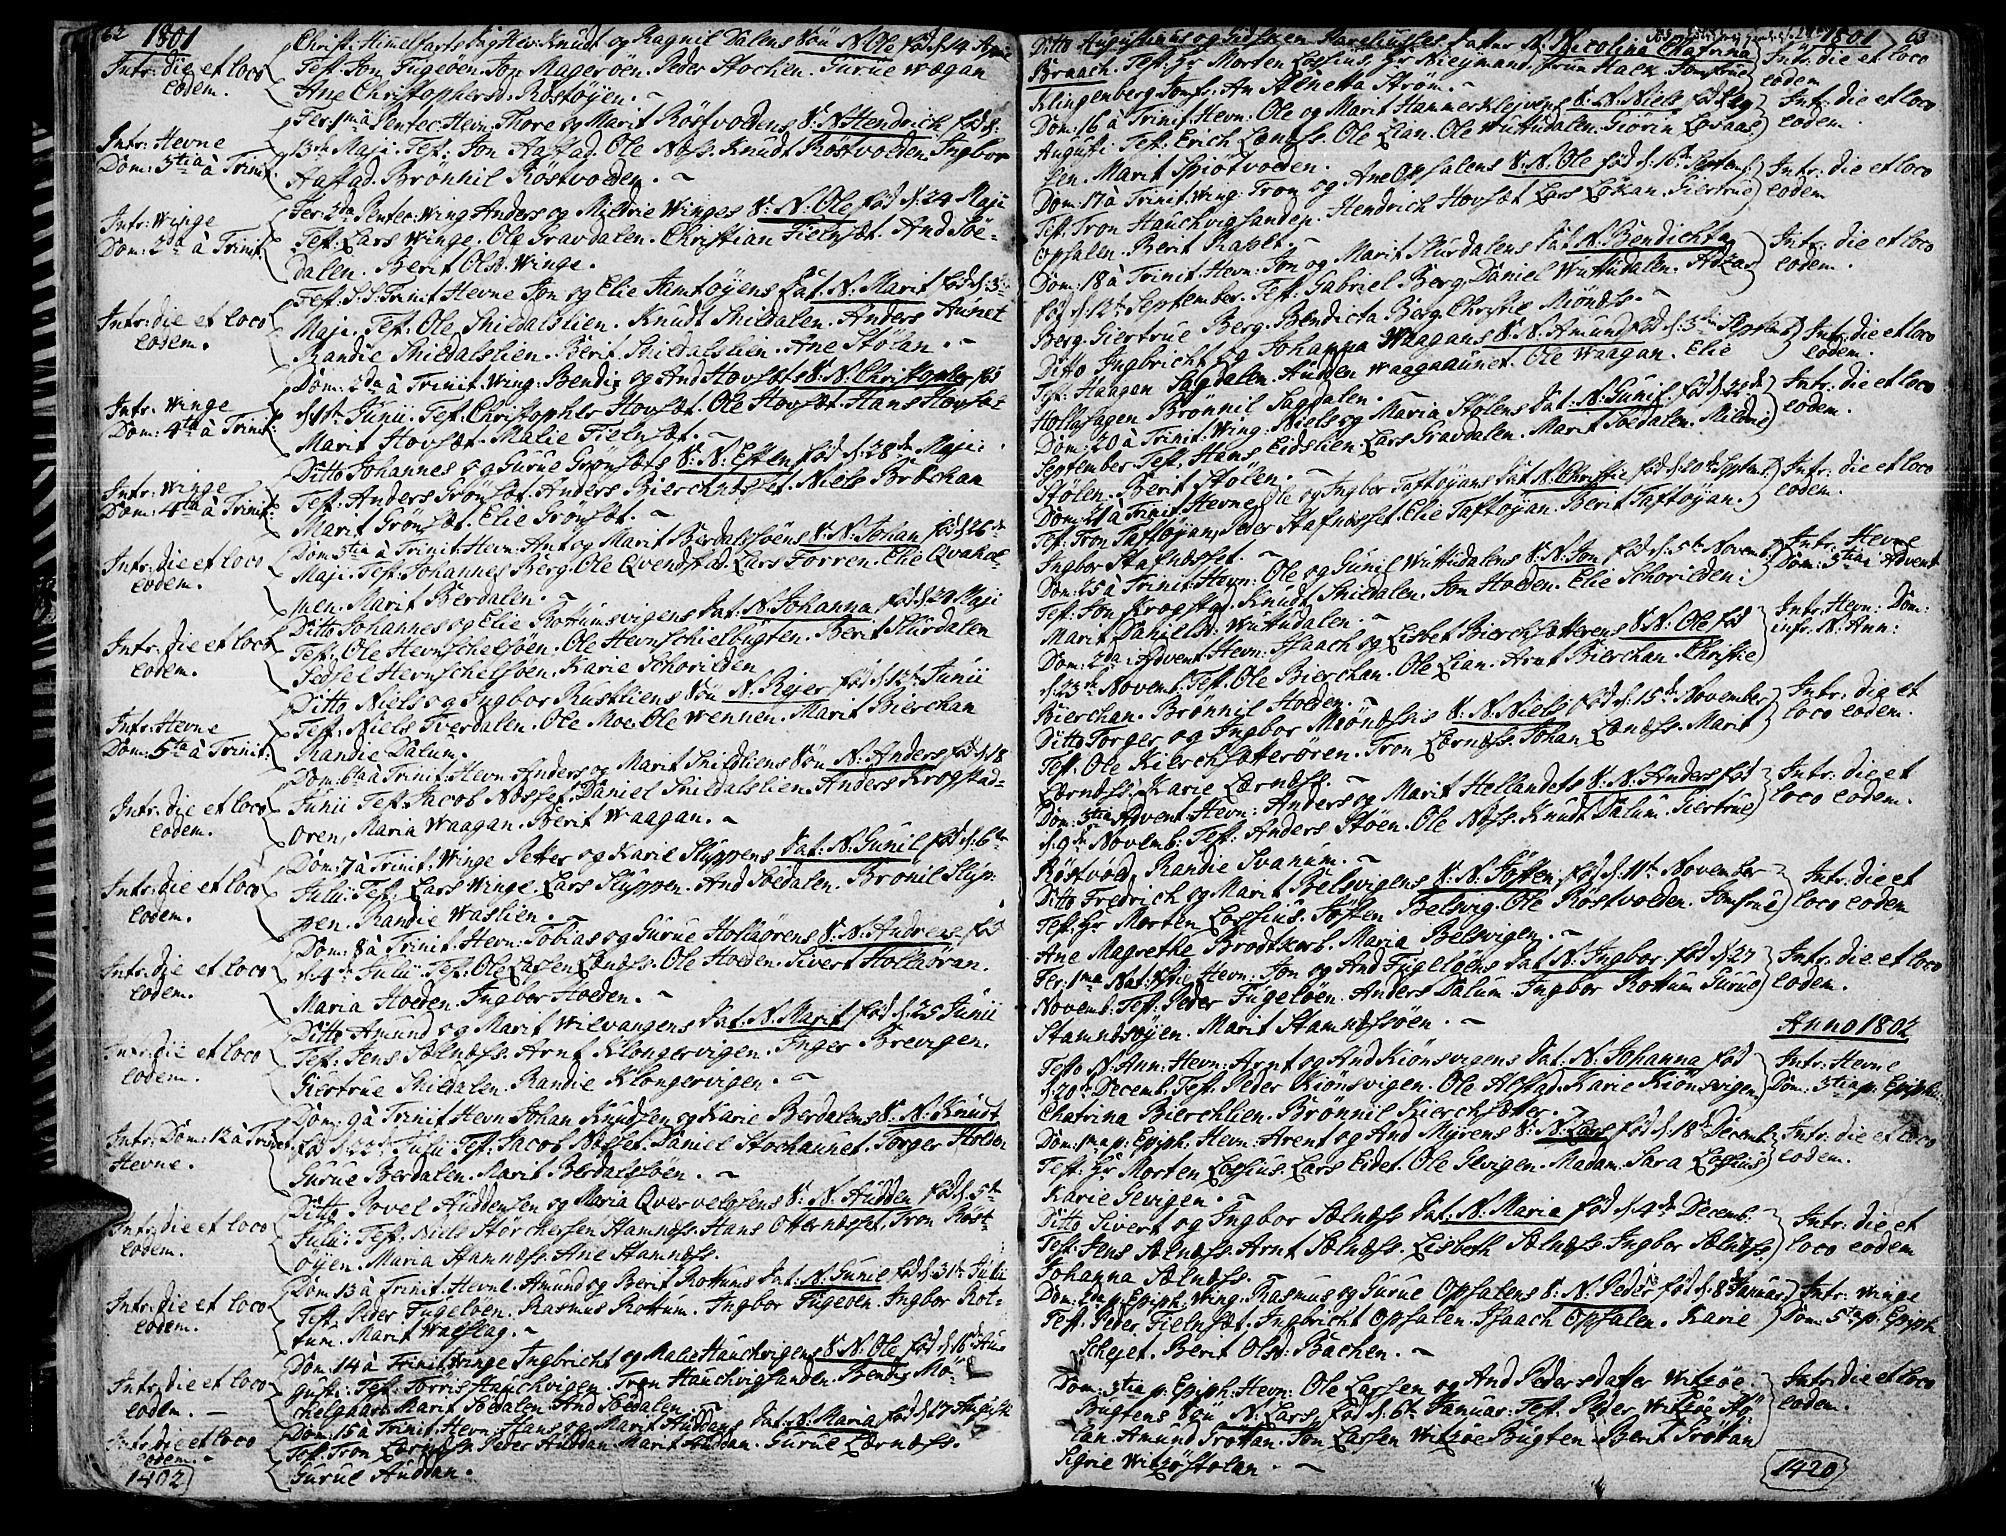 SAT, Ministerialprotokoller, klokkerbøker og fødselsregistre - Sør-Trøndelag, 630/L0490: Ministerialbok nr. 630A03, 1795-1818, s. 62-63